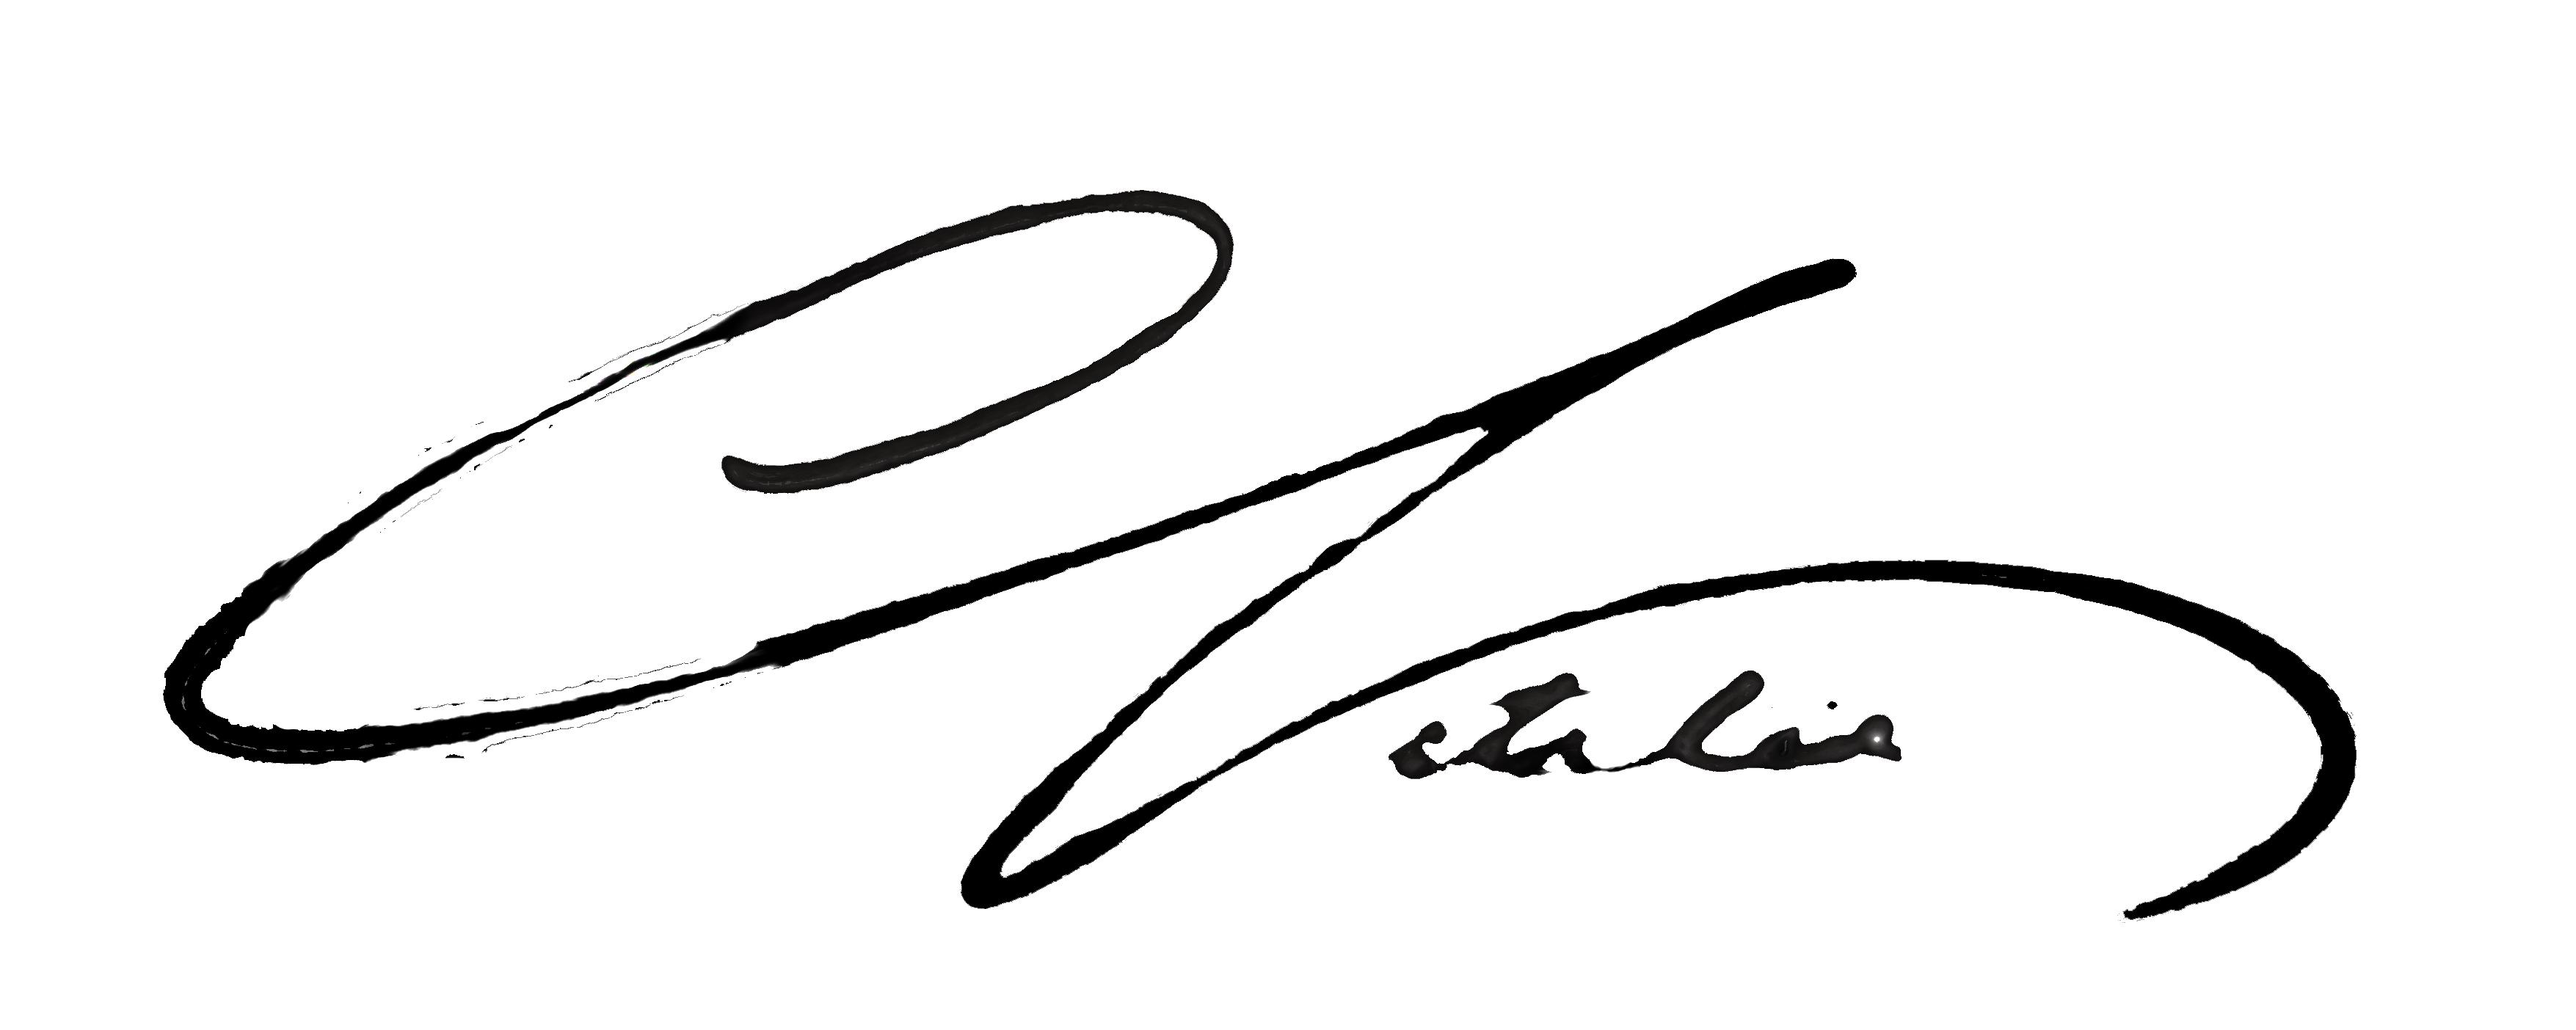 Natalie Mund Signature